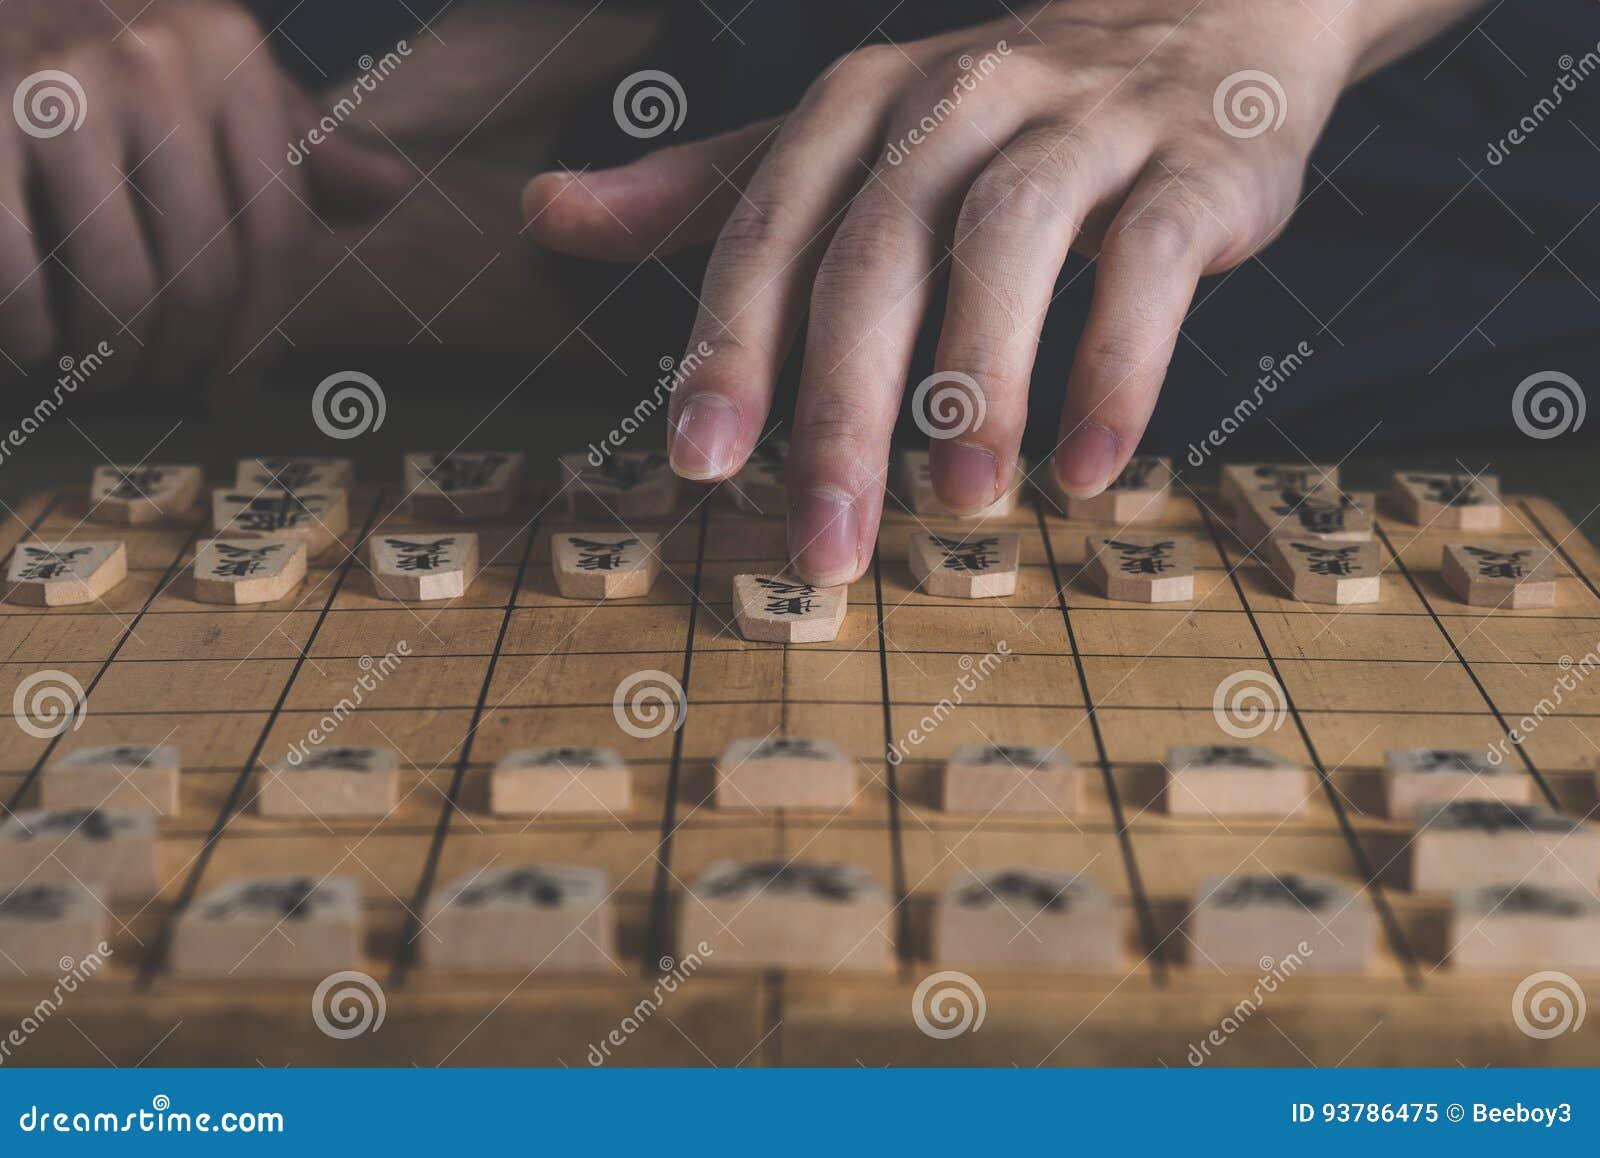 Juegos De Mesa Japoneses De La Estrategia Del Ajedrez En Japon